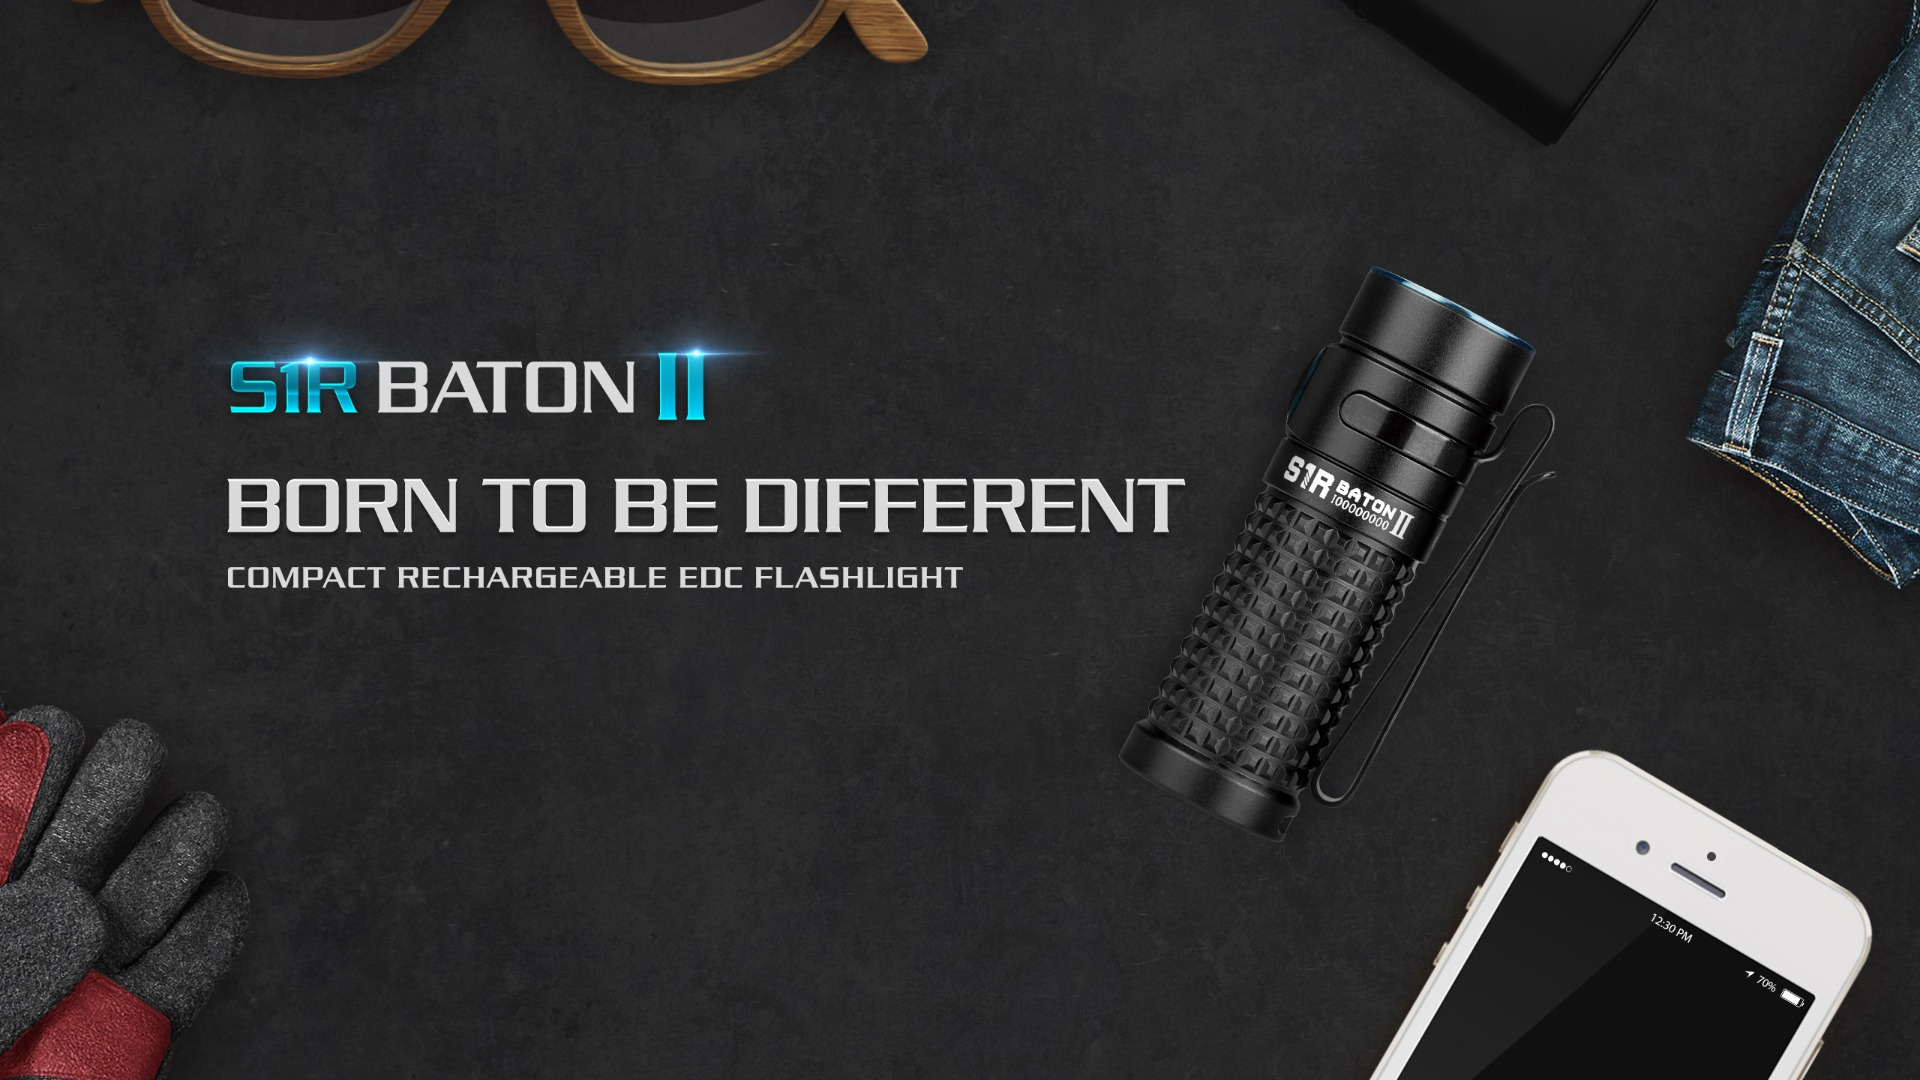 S1R Baton II Rechargeable EDC Flashlight